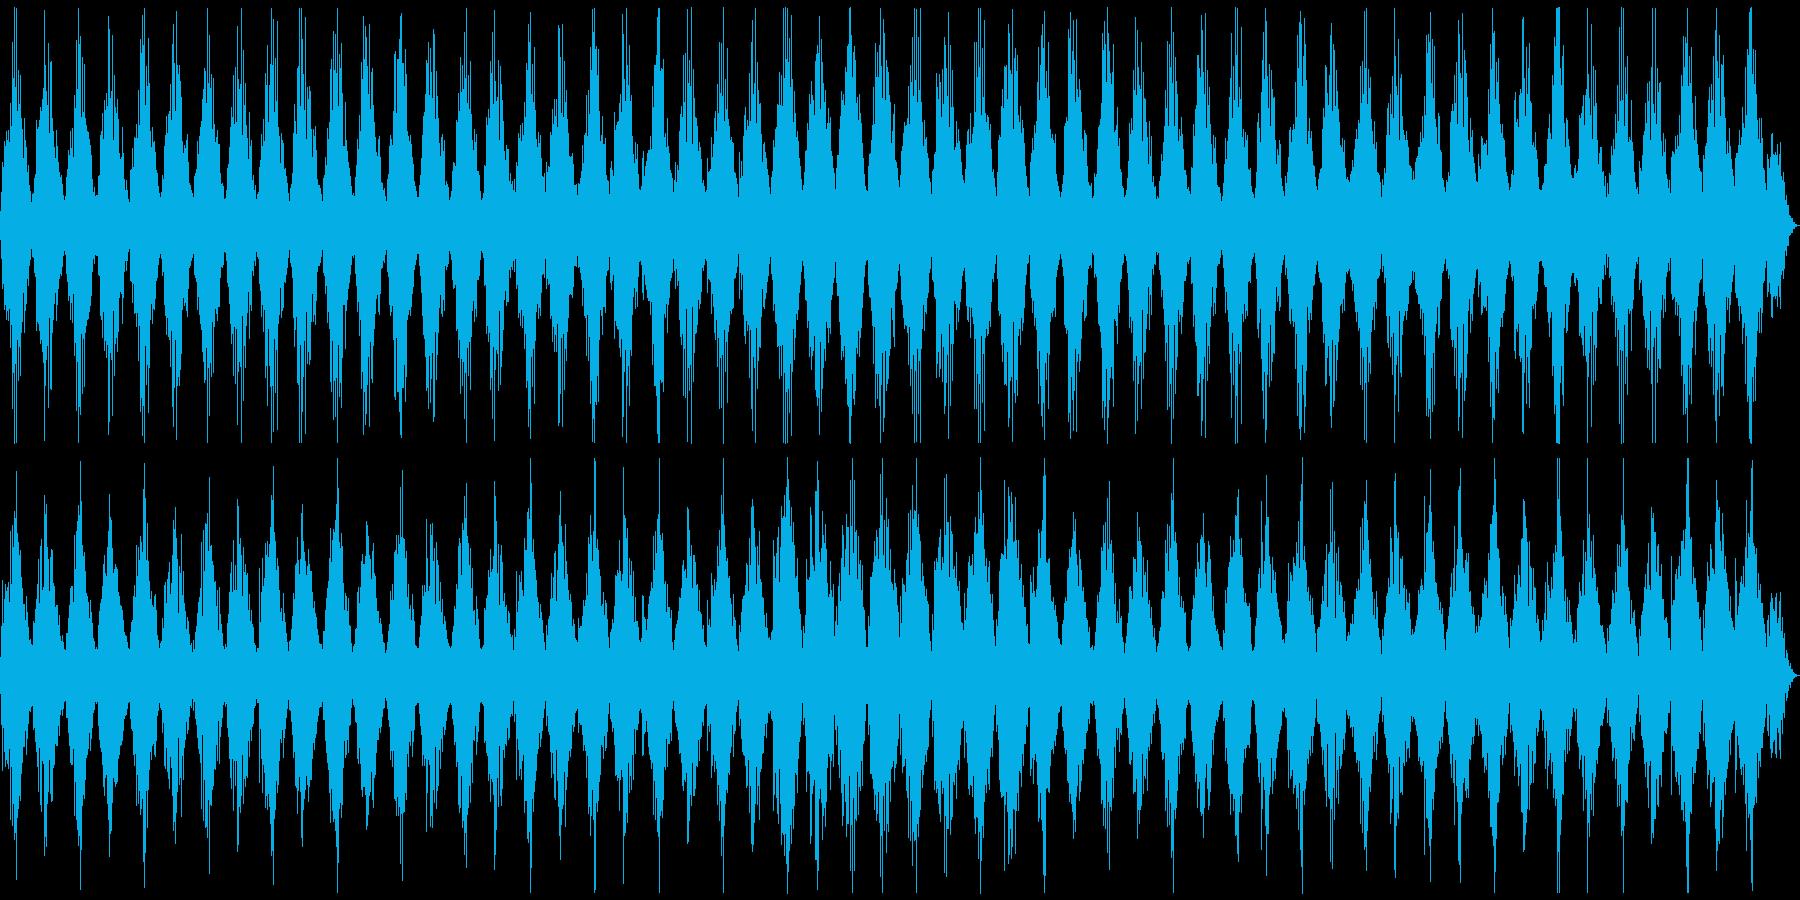 瞑想やヨガ、睡眠誘導のための音楽 09の再生済みの波形